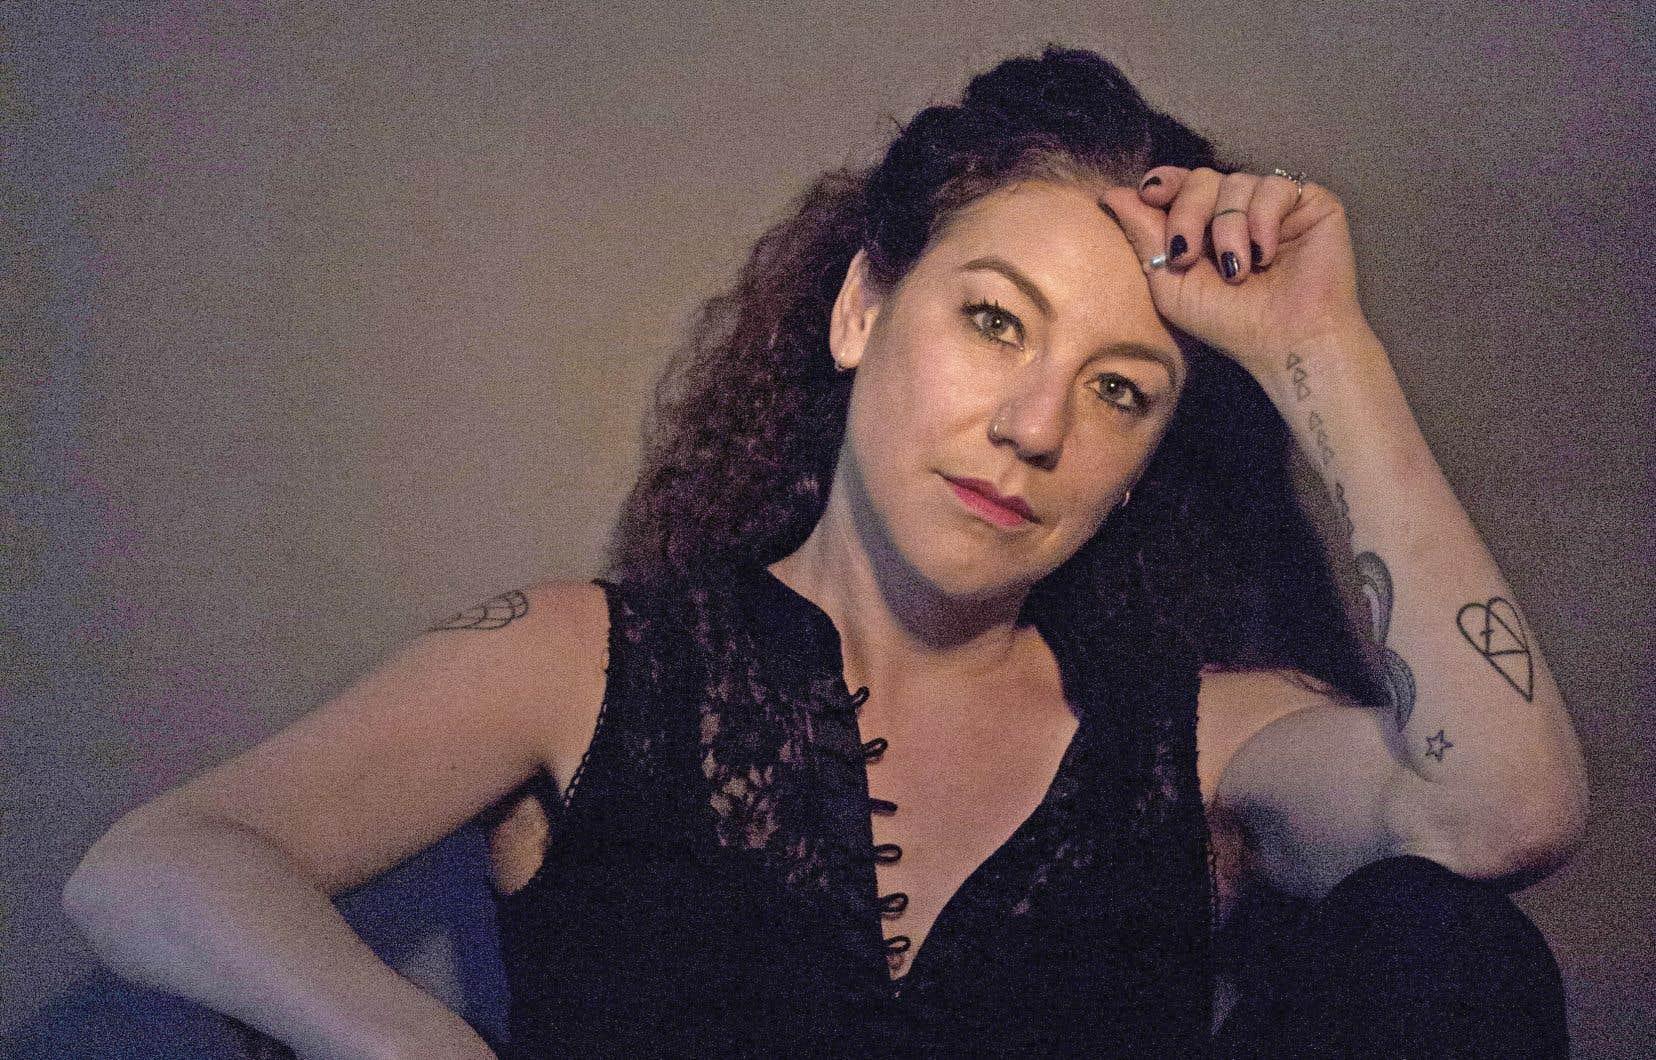 Jessica Moss a passé sa carrière à jouer au sein des formations montréalaises A Silver Mt. Zion et Black Ox Orkestar, en plus de collaborer aux projets variés de Godspeed You! Black Emperor, Sarah Davachi, Arcade Fire et Katie Moore.